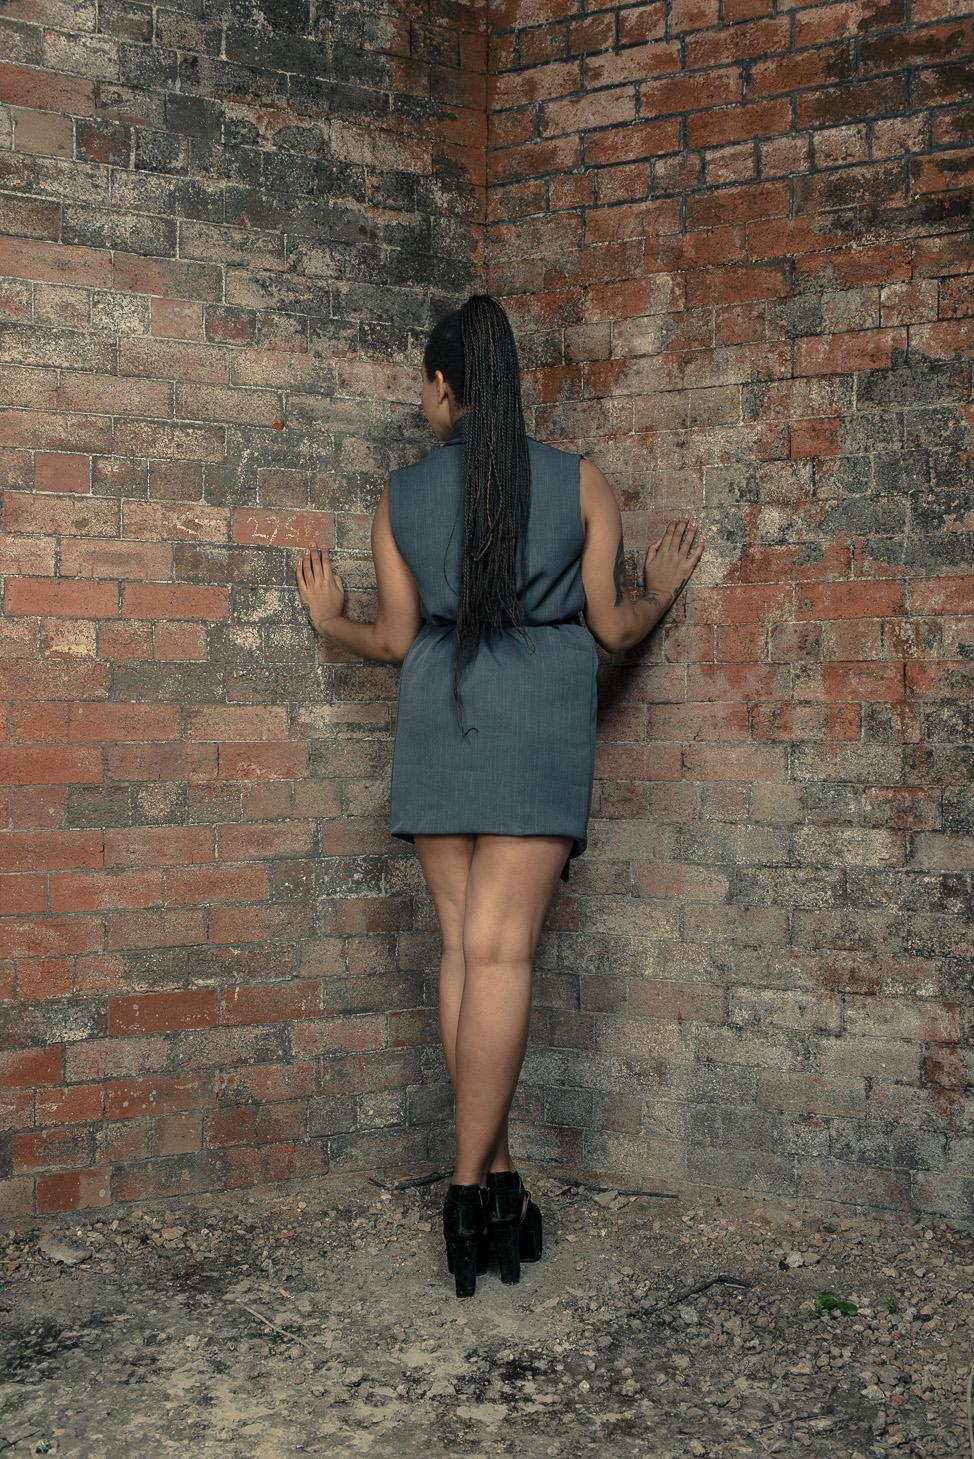 zaramia-ava-zaramiaava-leeds-fashion-designer-ethical-sustainable-tailored-minimalist-dress-jacket-versatile-drape-grey-bodysuit-black-obi-belt-wrap-cowl-styling-womenswear-models-photoshoot-26